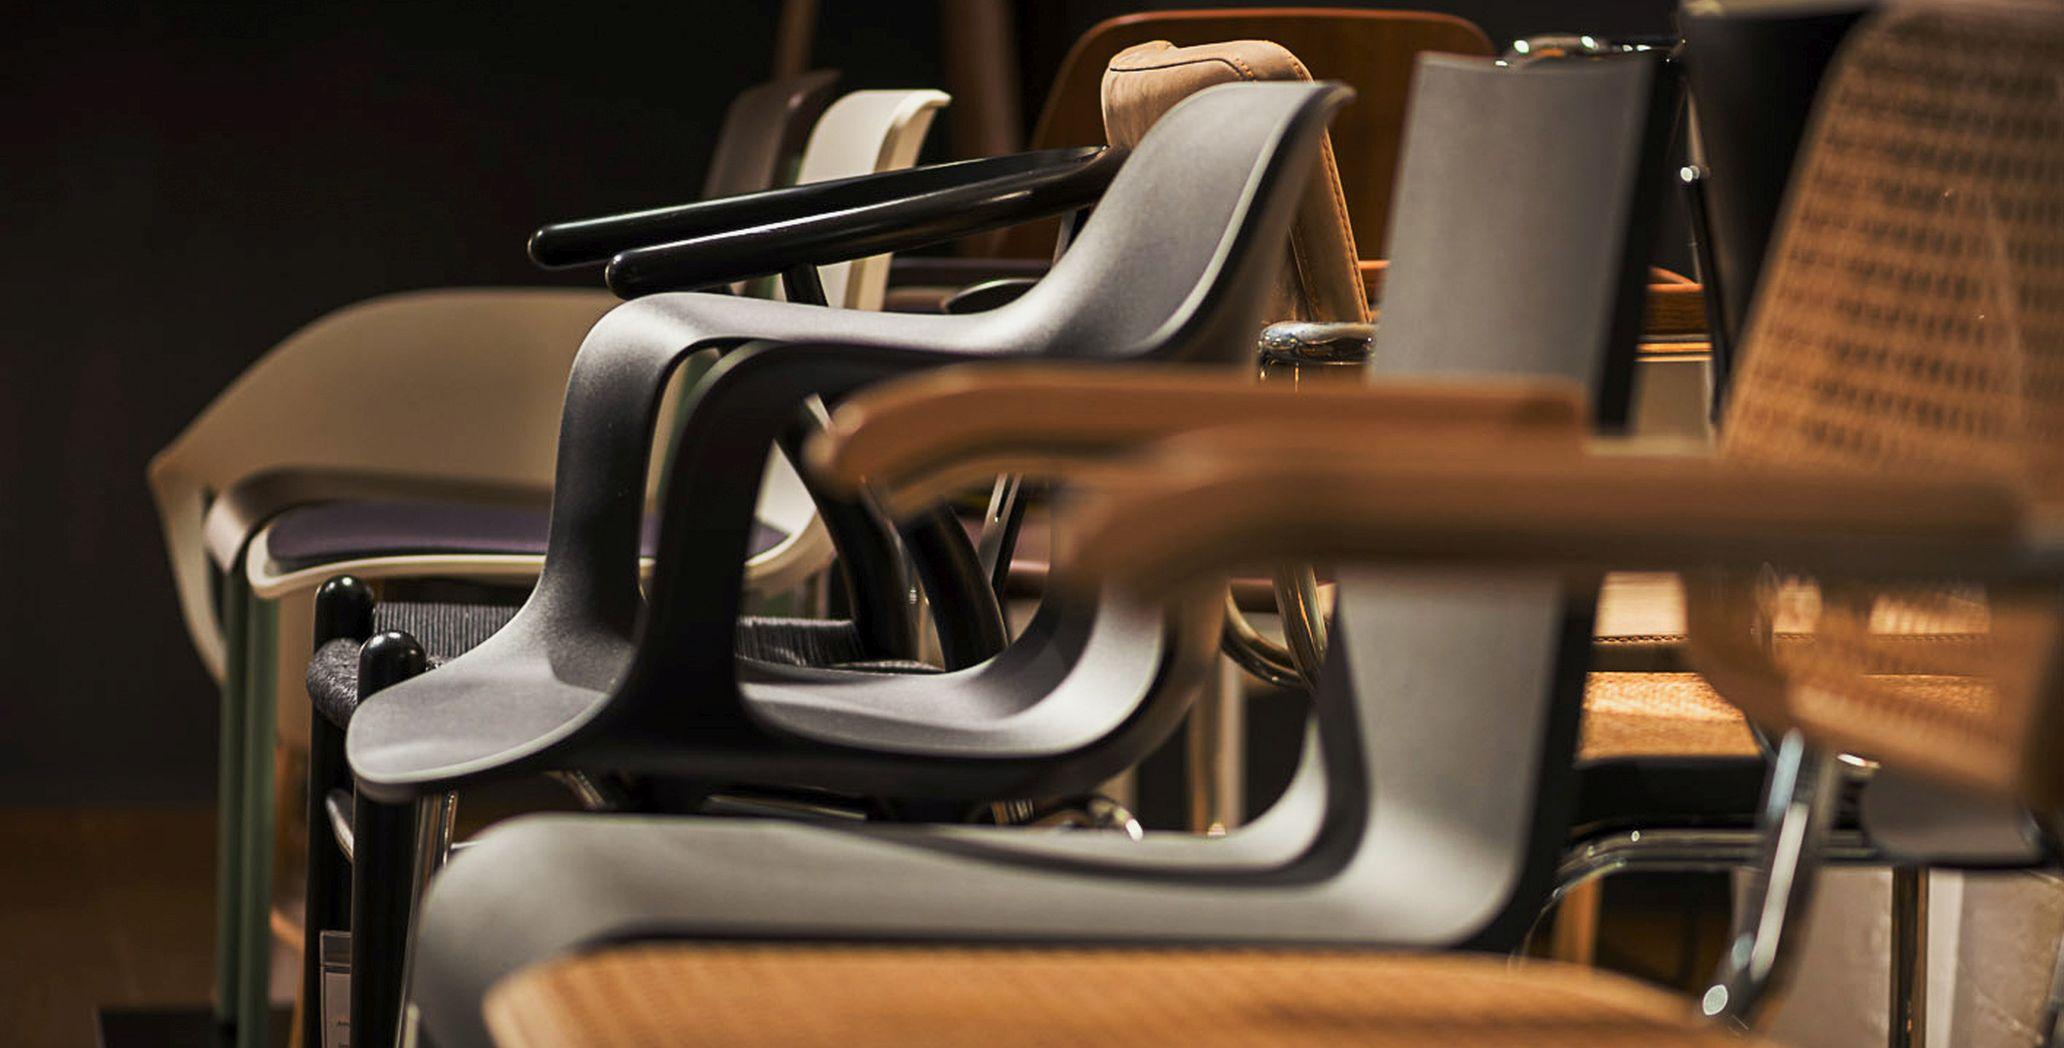 Designer chairs from smow Stuttgart